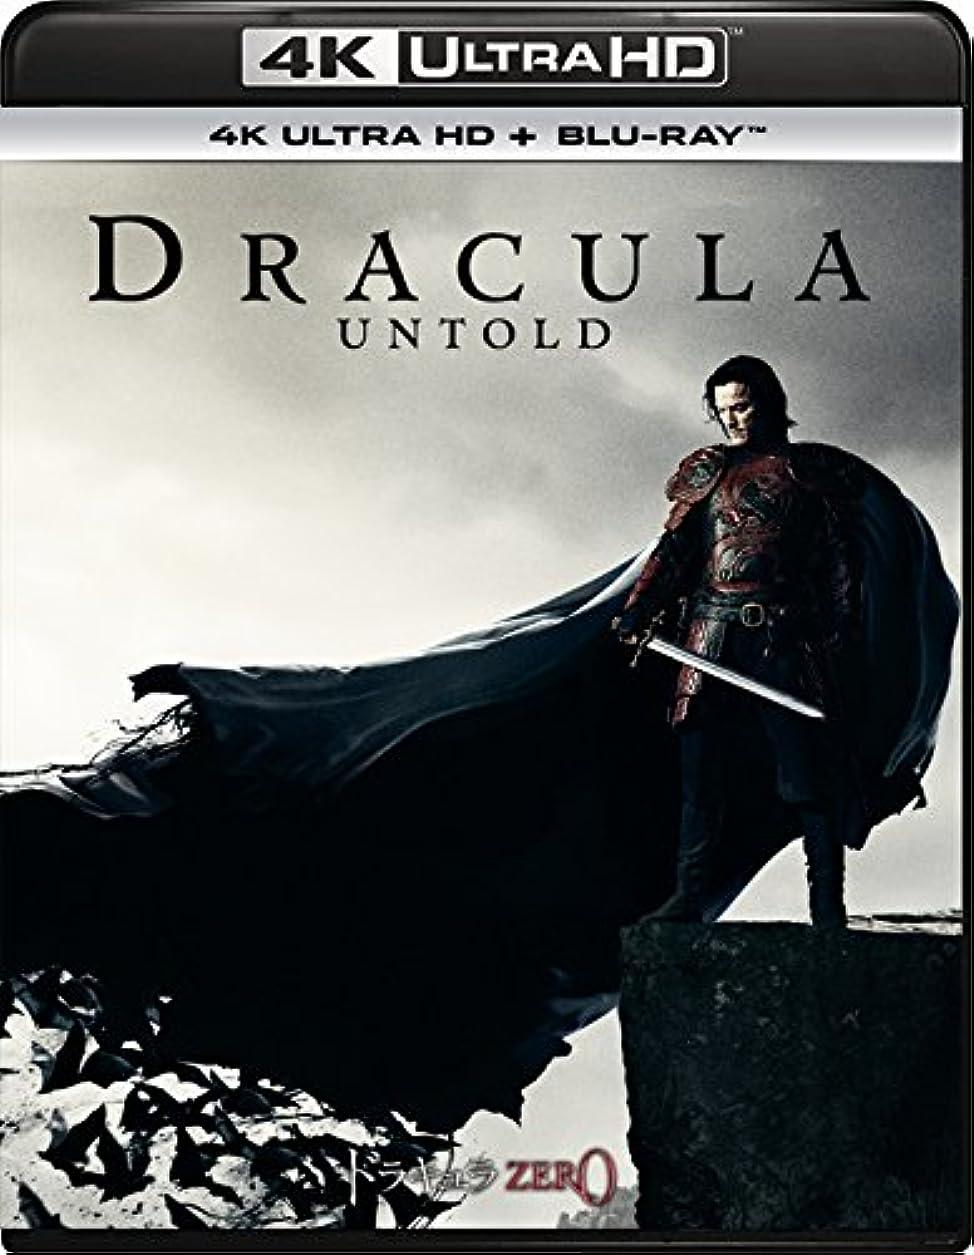 コマンド小道具液体ドラキュラZERO (4K ULTRA HD + Blu-rayセット) [4K ULTRA HD + Blu-ray]